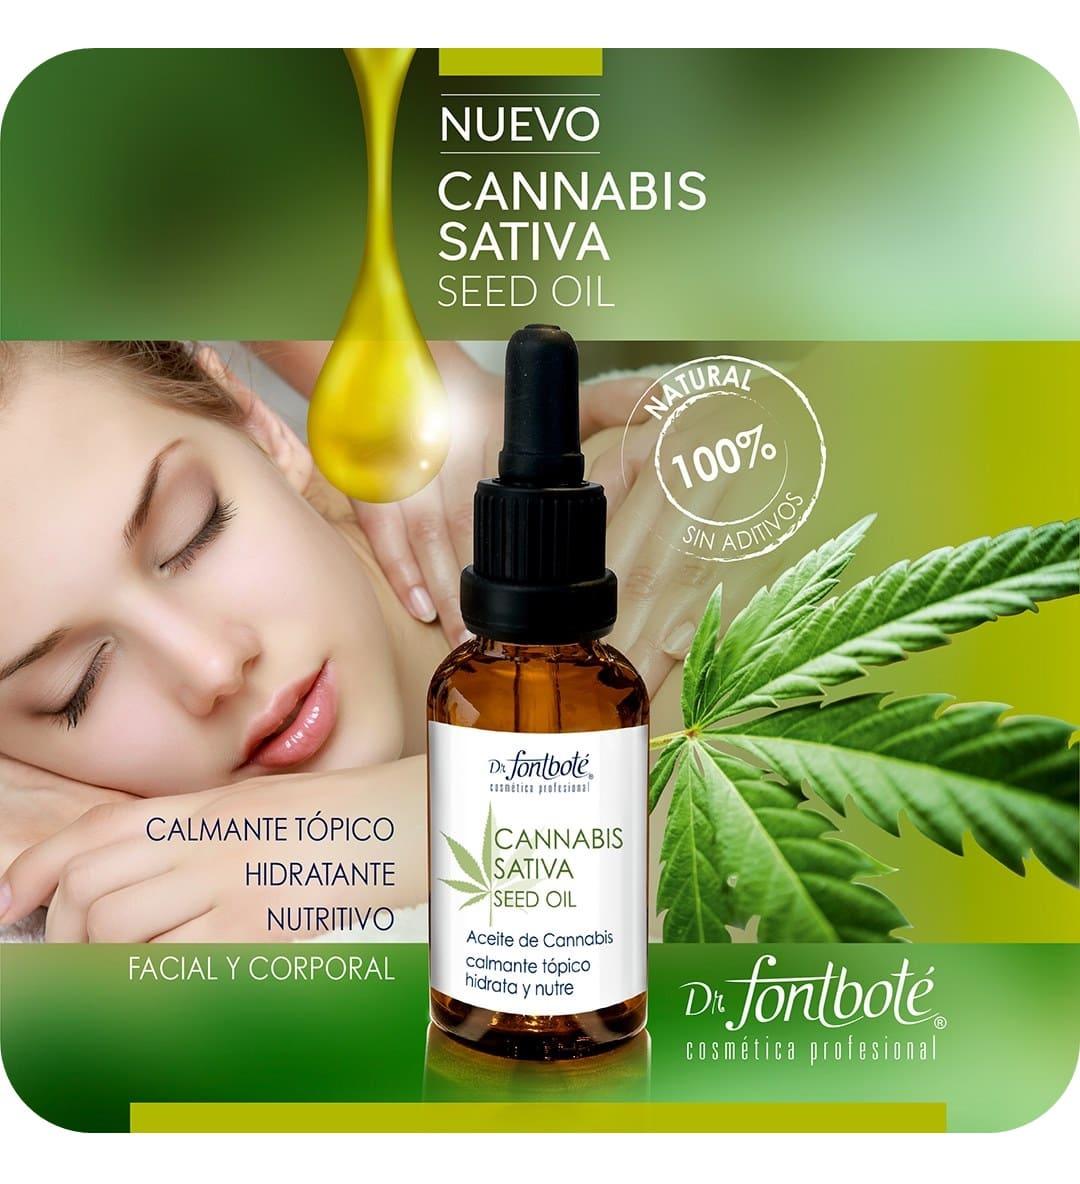 Aceite antiarrugas natural Dr Fontboté hidratante cicatrices  nutritivo Chile